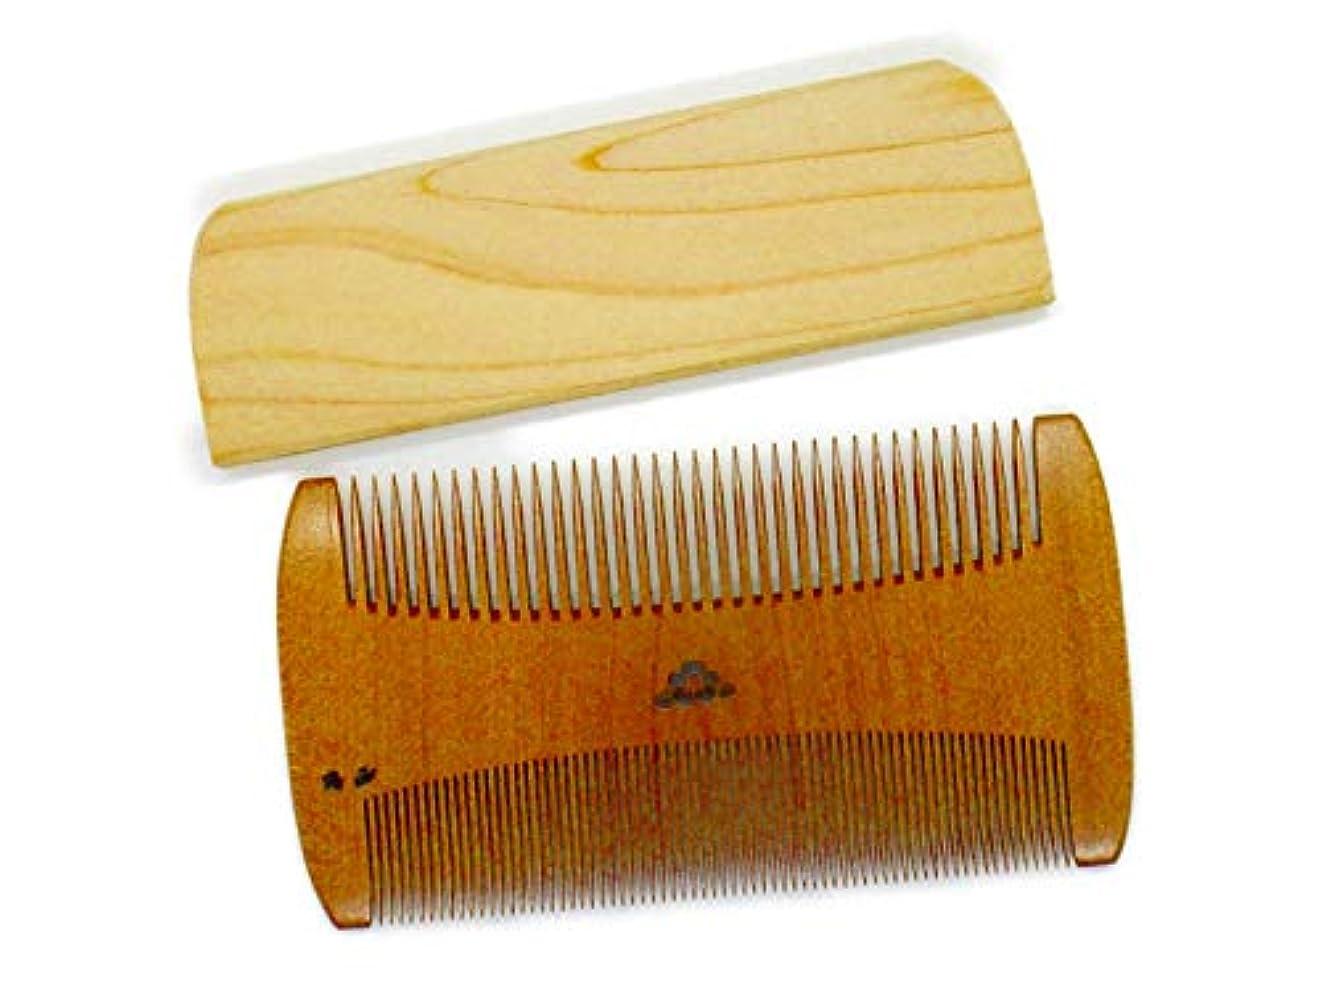 農業のアイドル勝つ椿櫛 すき櫛~つげ櫛職人が作りました~髪に付いたホコリを取る事に特化した櫛です。シラミ駆除対応